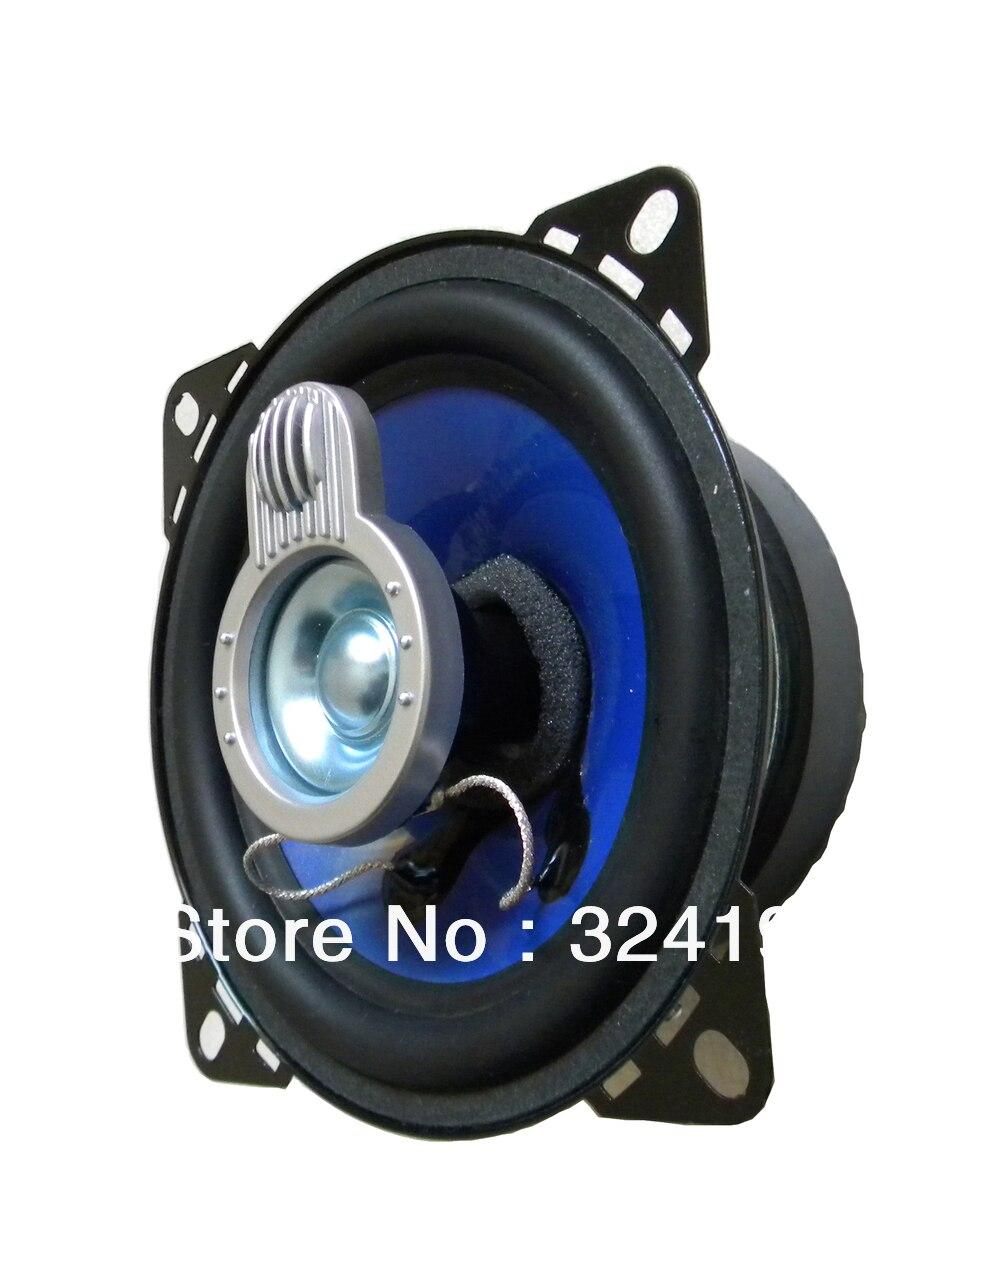 a8b94e816a Azul inyección cono de goma 4 pulgadas Coaxial altavoz audio del coche, 220  vatios 4OHM del coche más fuerte acústica altavoces de gama